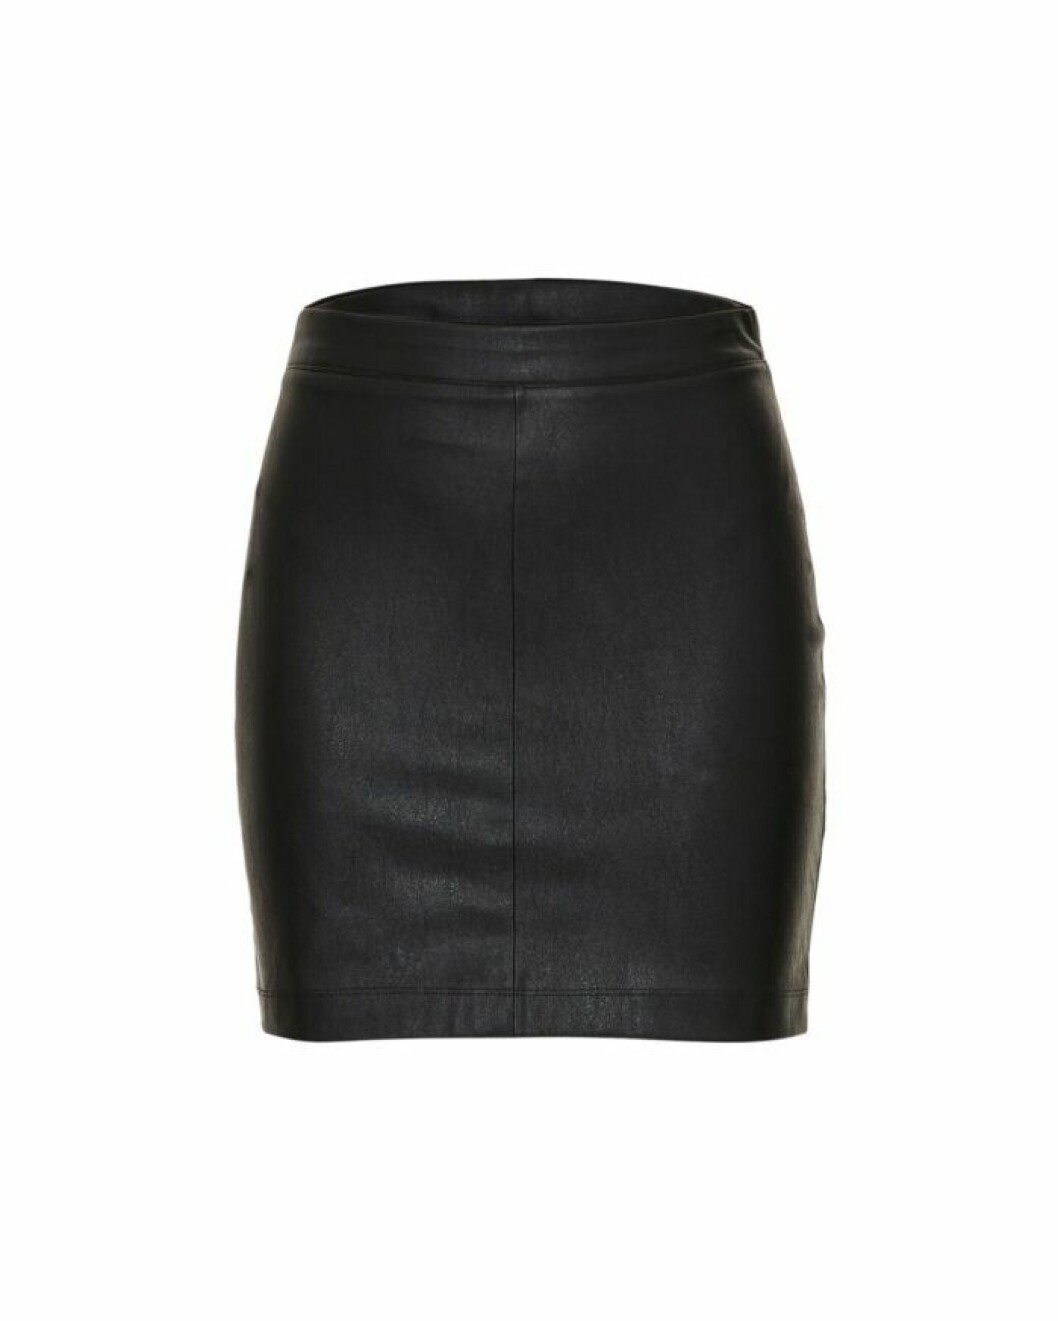 Svart kjol i läderimitation från Wakakuu